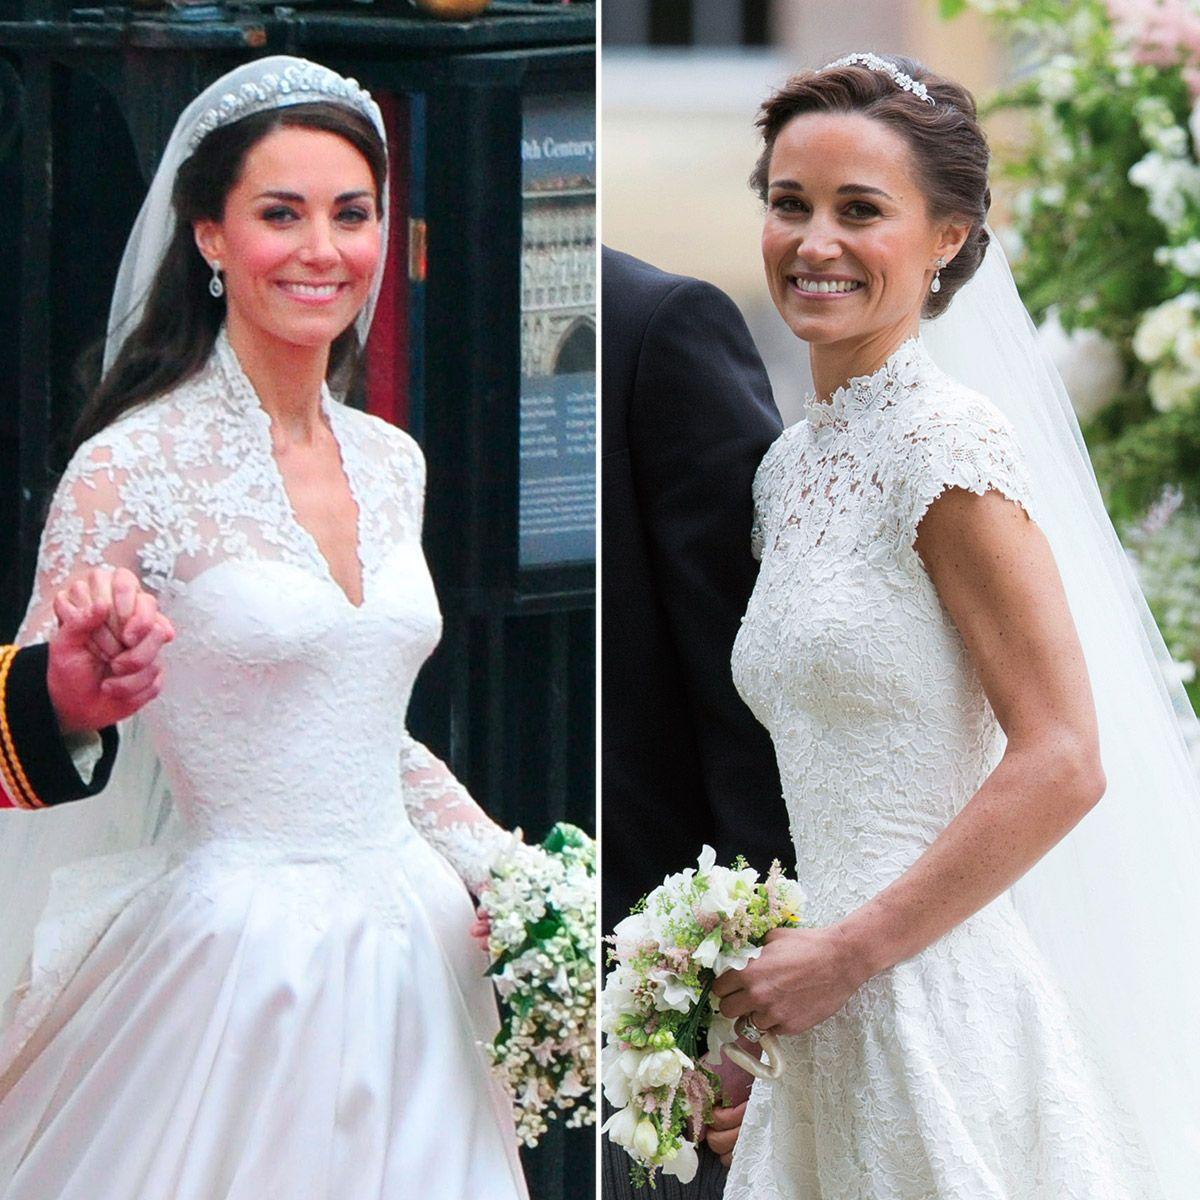 b3370b98b Los vestidos de novia de Kate y Pippa Middleton